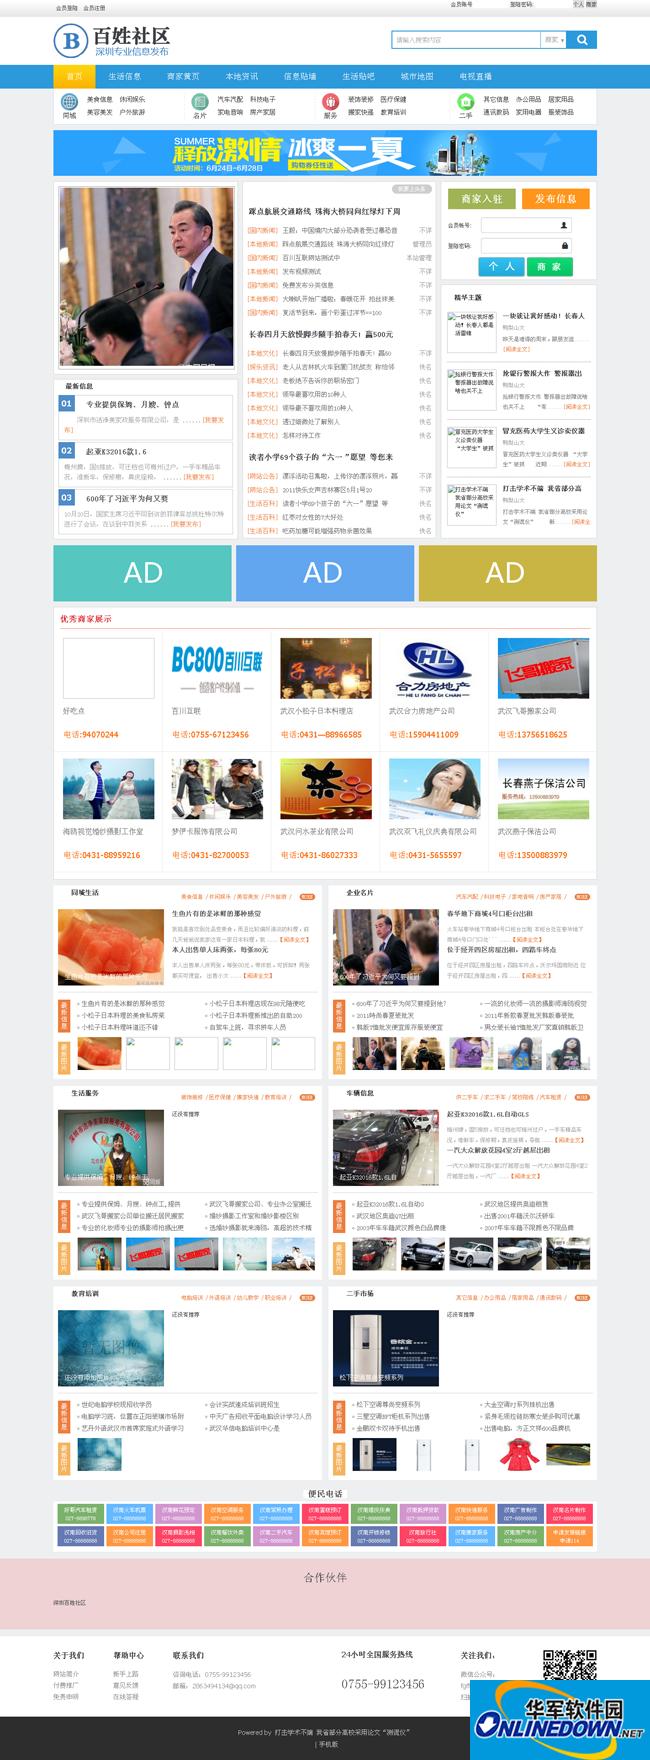 深圳社区信息门户网 6.5